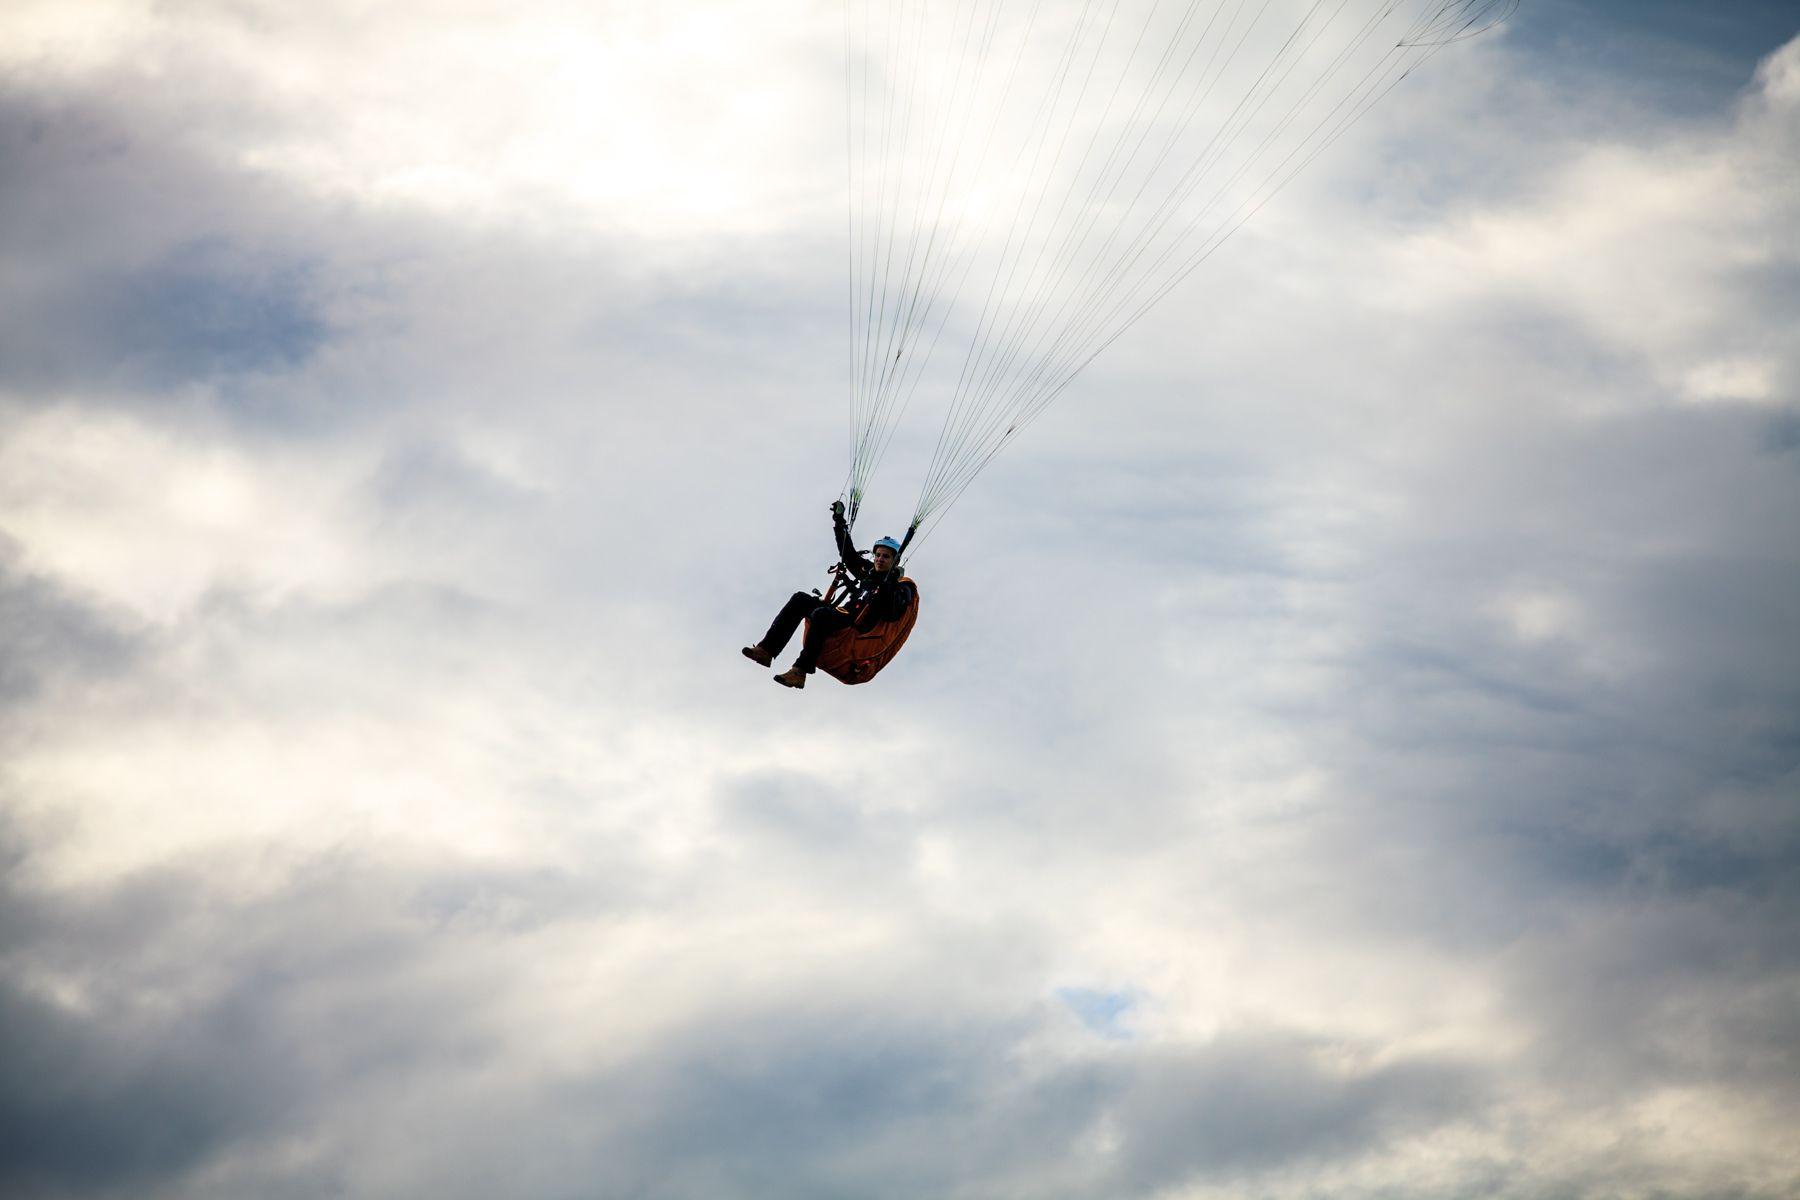 Обучающий полёт на параплане фото 2